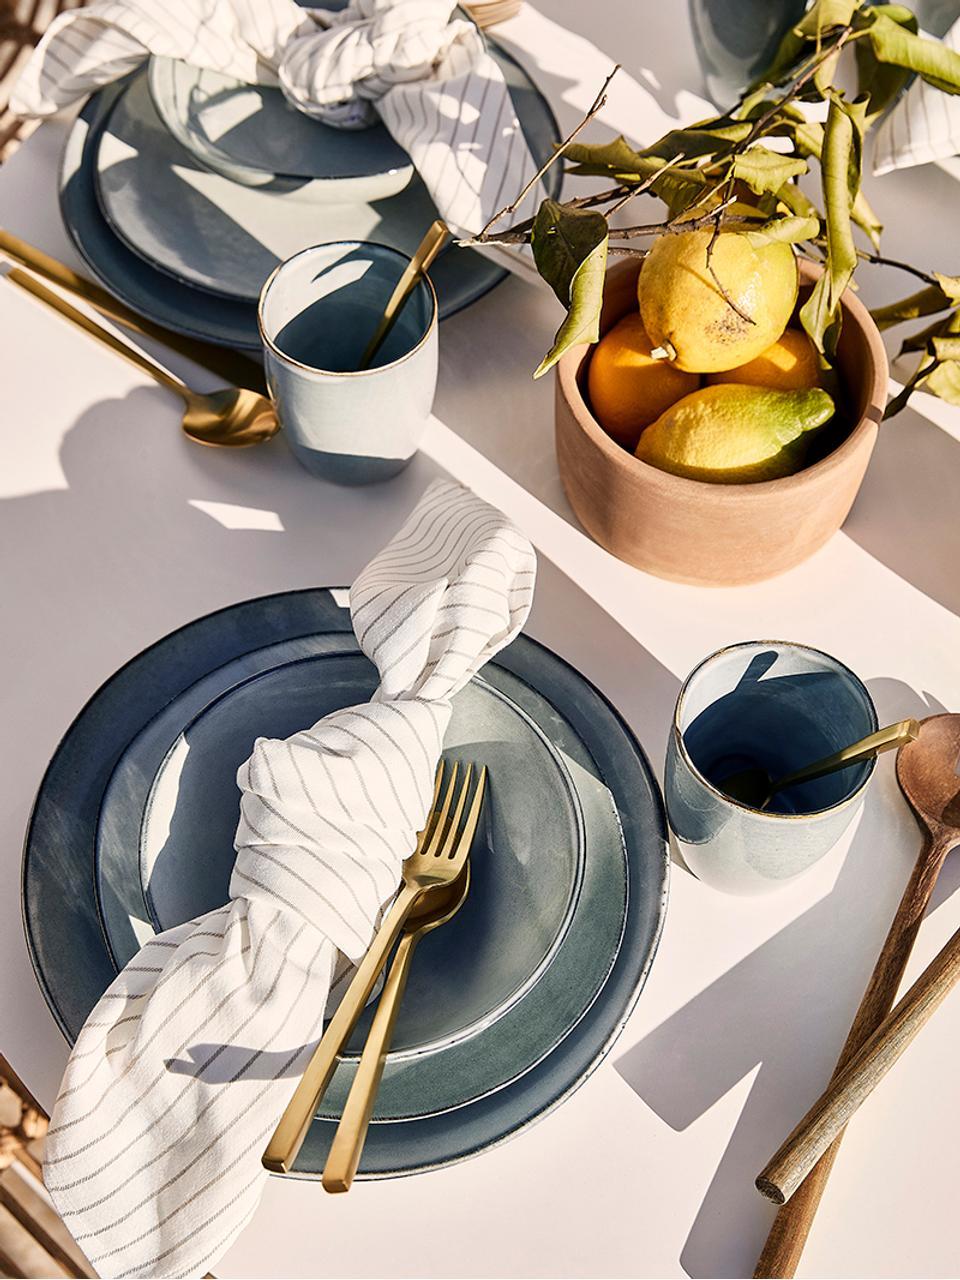 Goldfarbenes Besteck-Set Shine aus Edelstahl, in verschiedenen Setgrößen, Messer: Edelstahl 13/0, Goldfarben, 1 Person (5-tlg.)